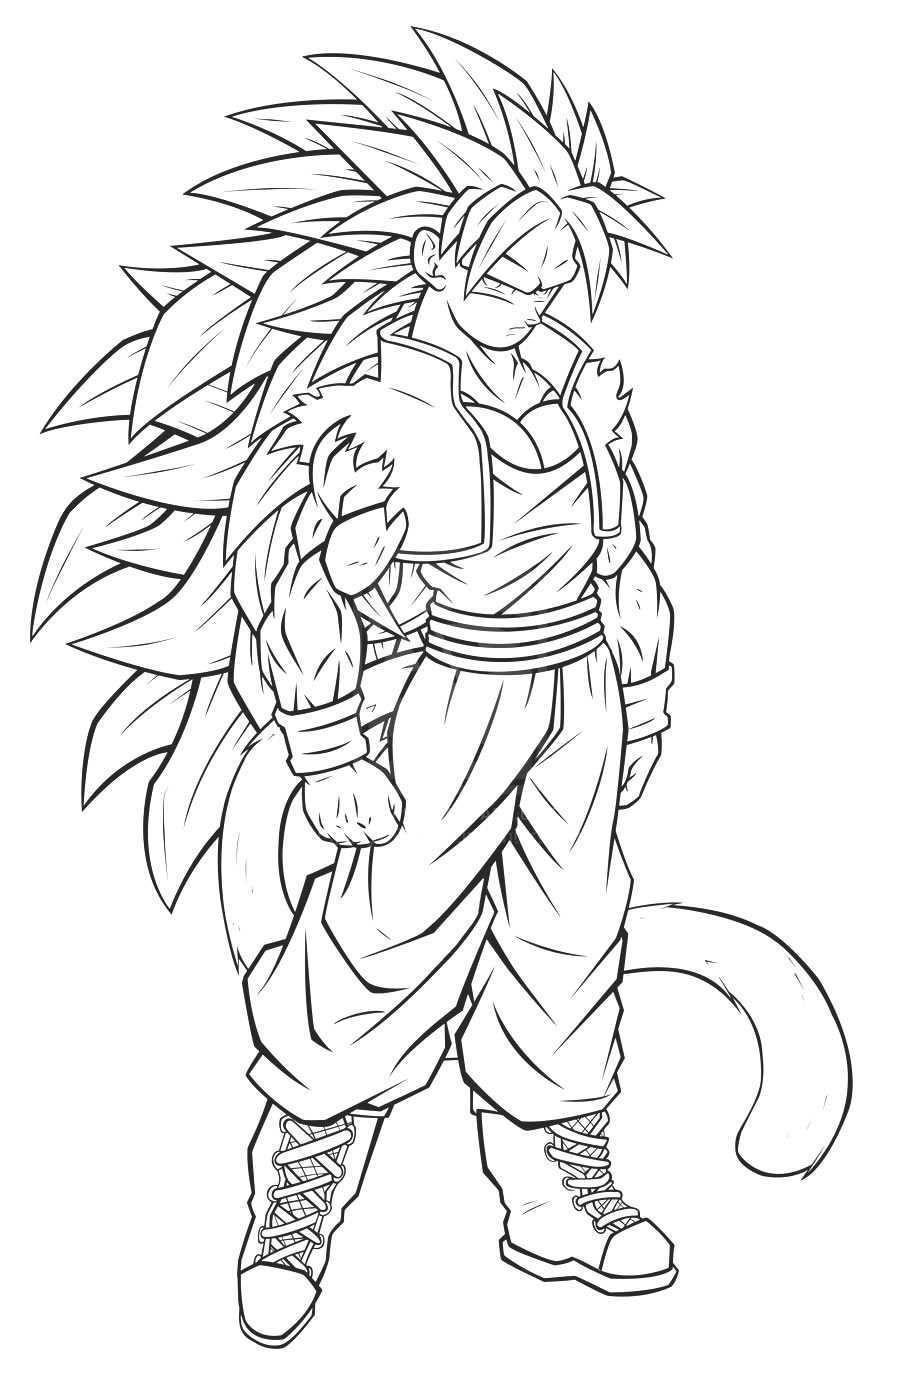 Imagenes De Goku Para Dibujar Y Colorear On Log Wall